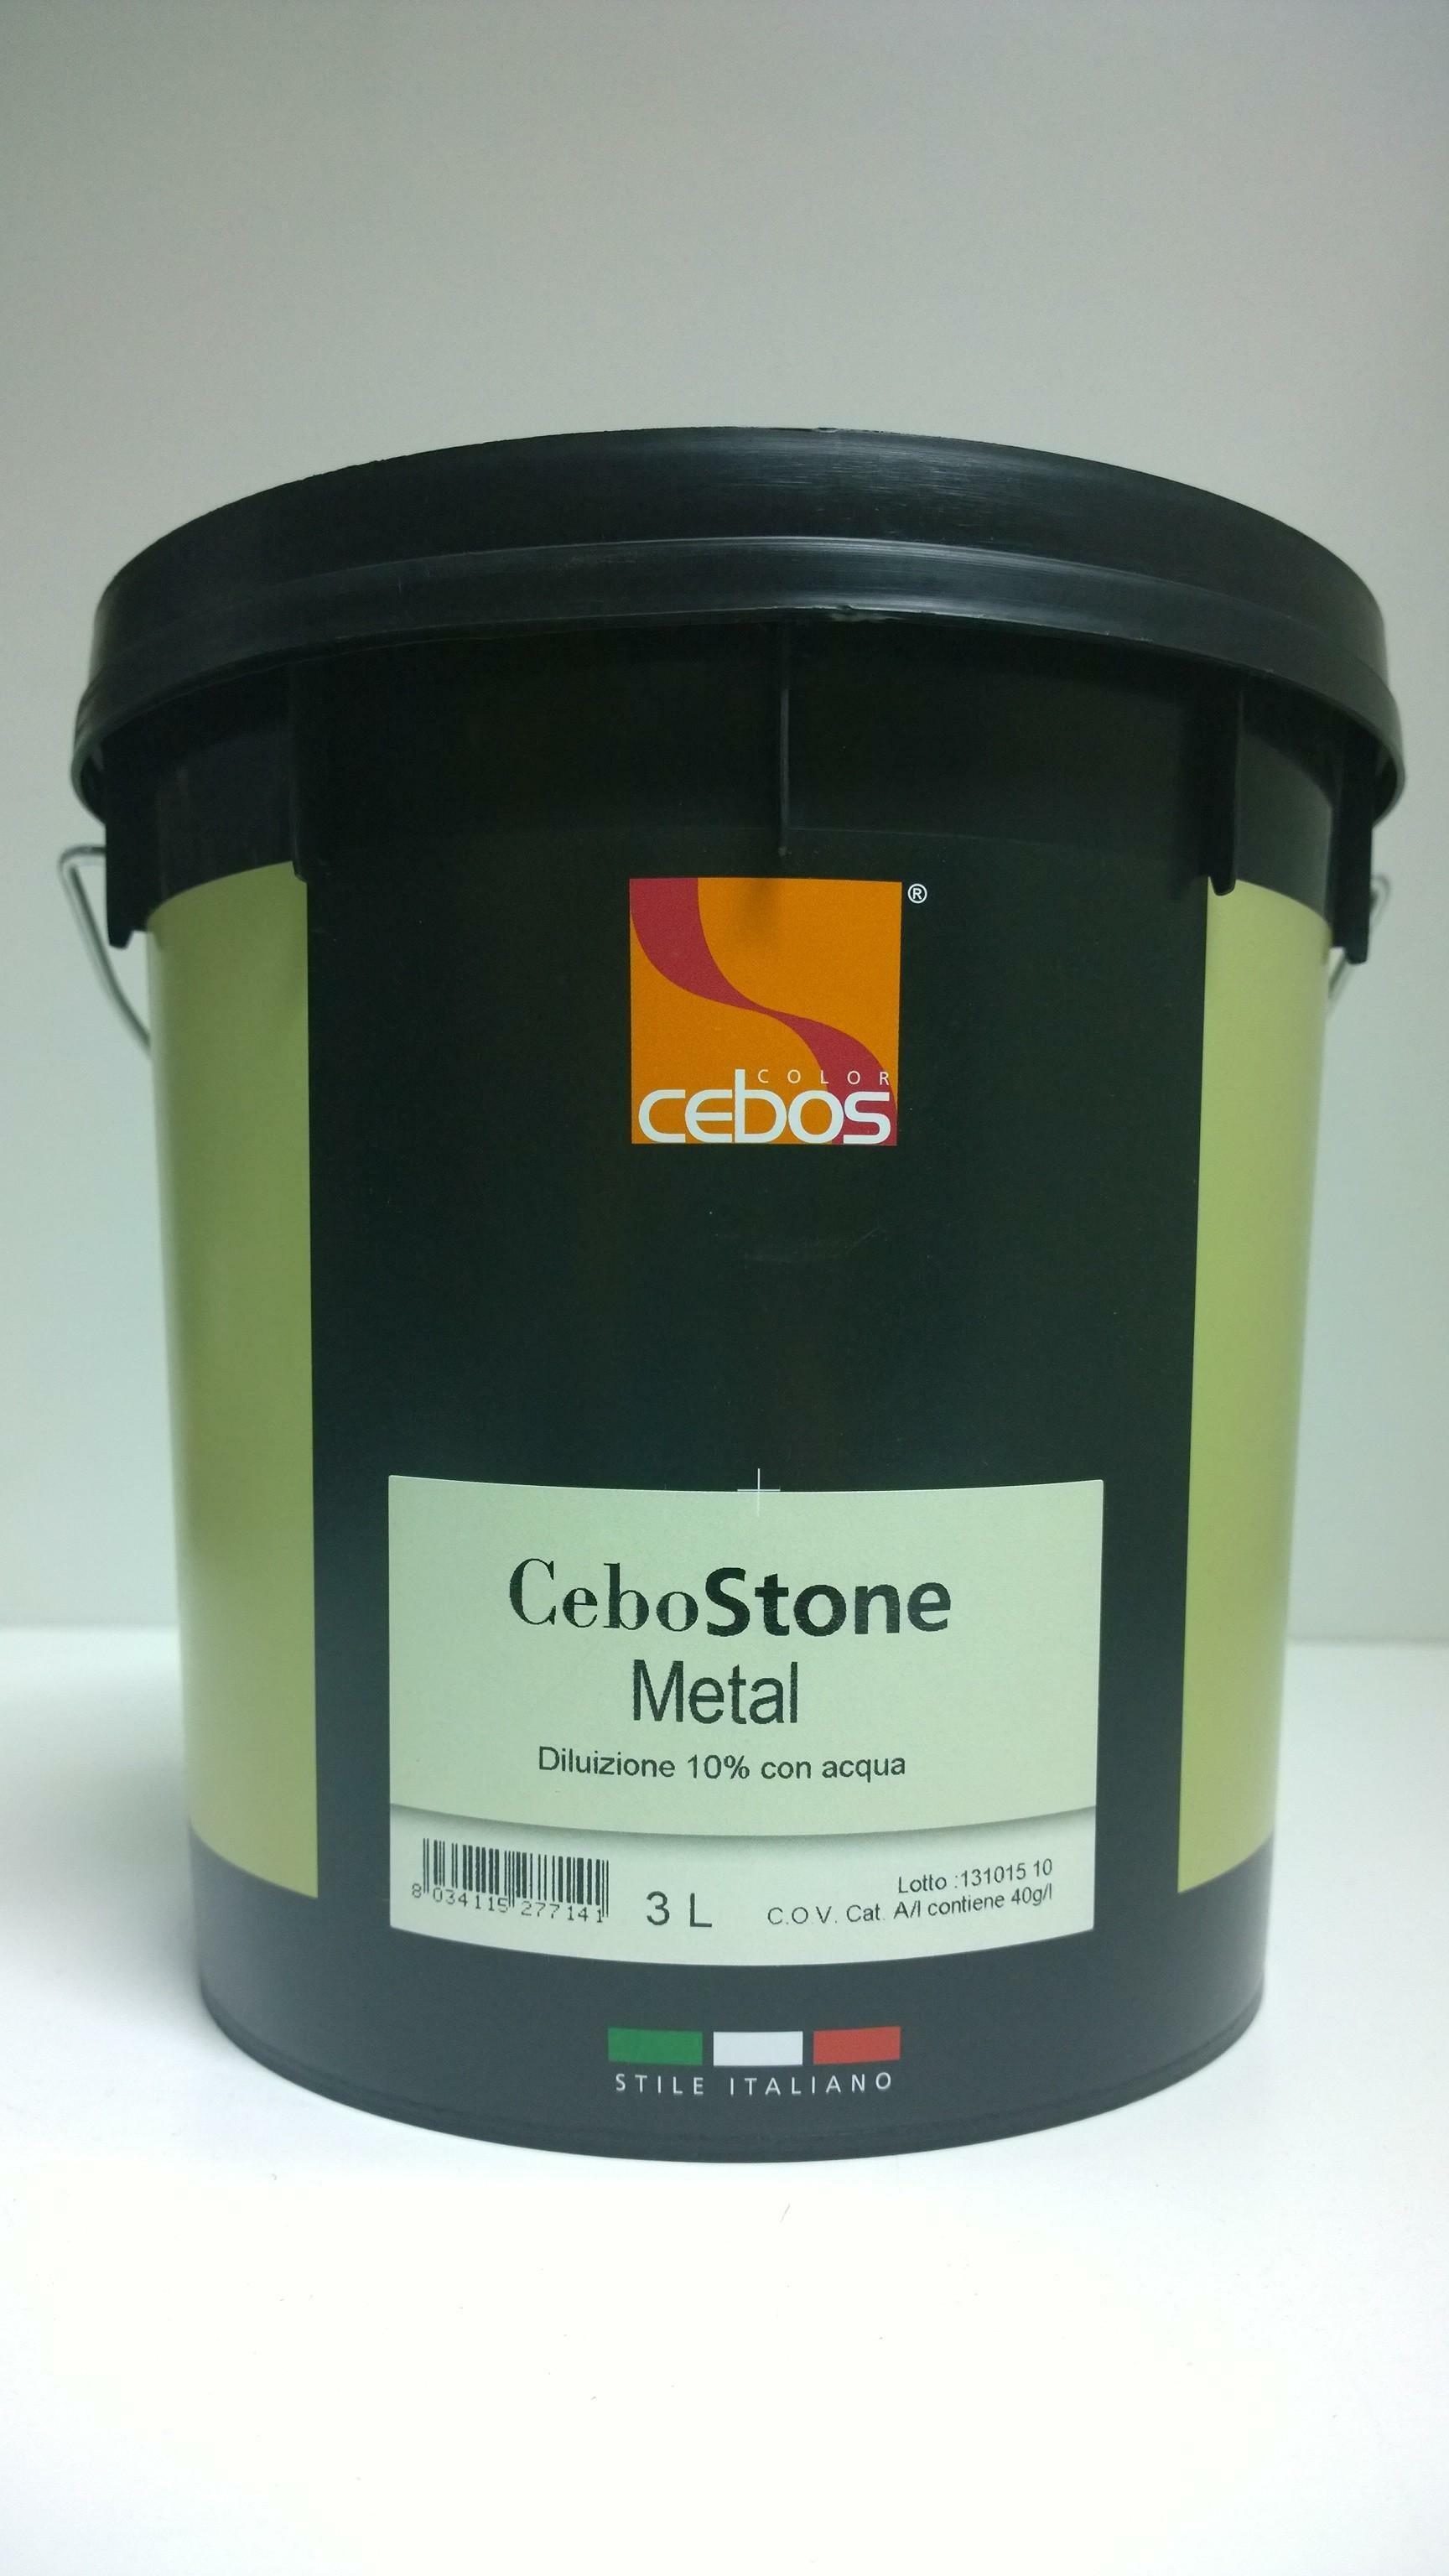 cebos cebos - cebostone metal 1 lt finitura decorativa per interni dall'aspetto sabbiato e colore metallico